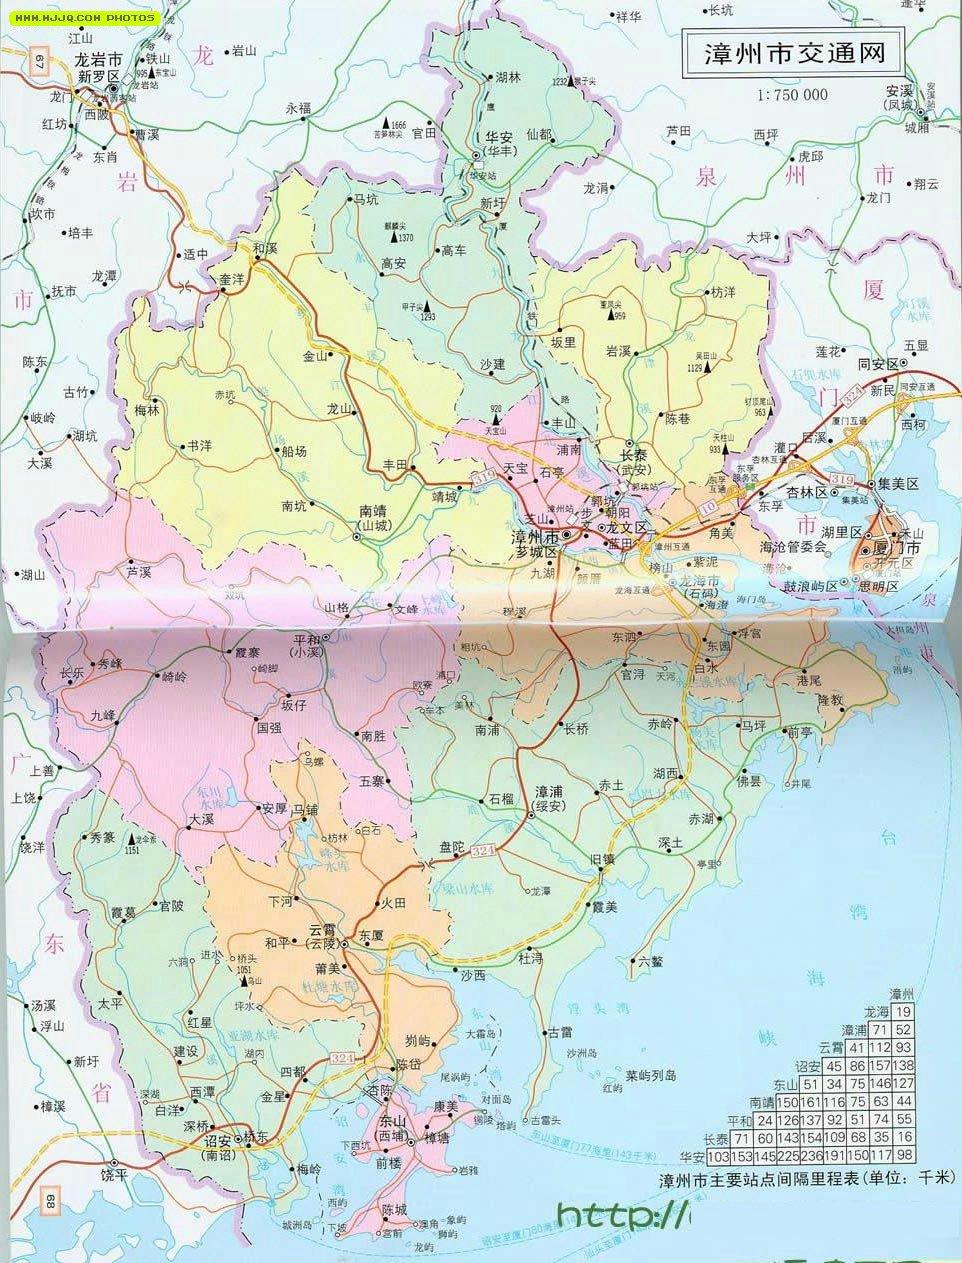 福建漳州地图 第4张 美拍图